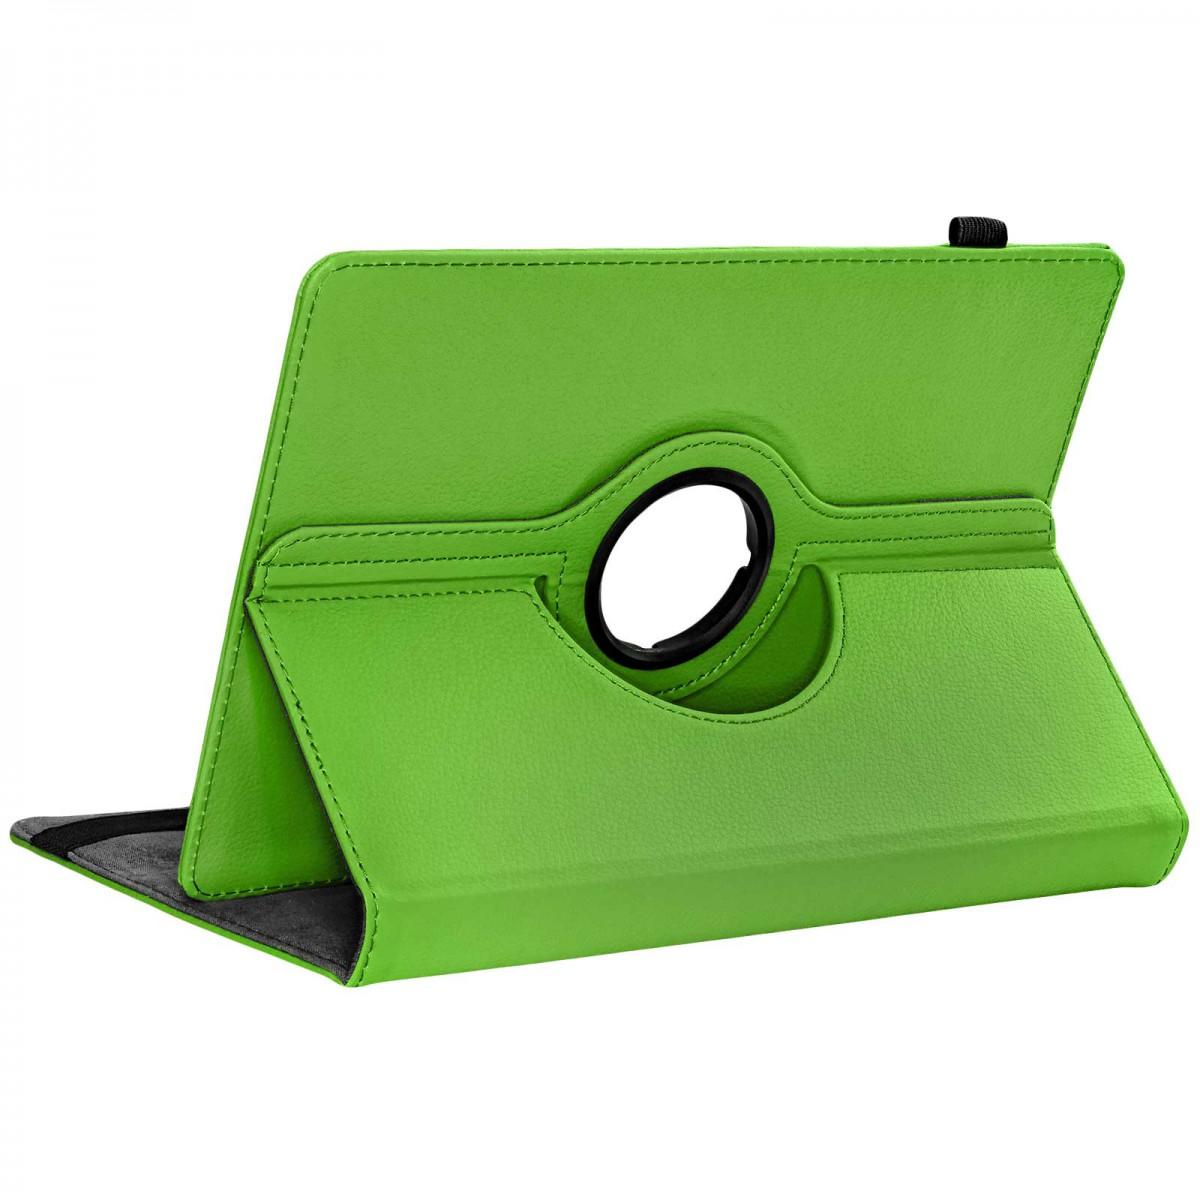 Hülle für Medion Lifetab P10506   P10505   P10400   P10401 Tasche Case Cover Kunstleder grün